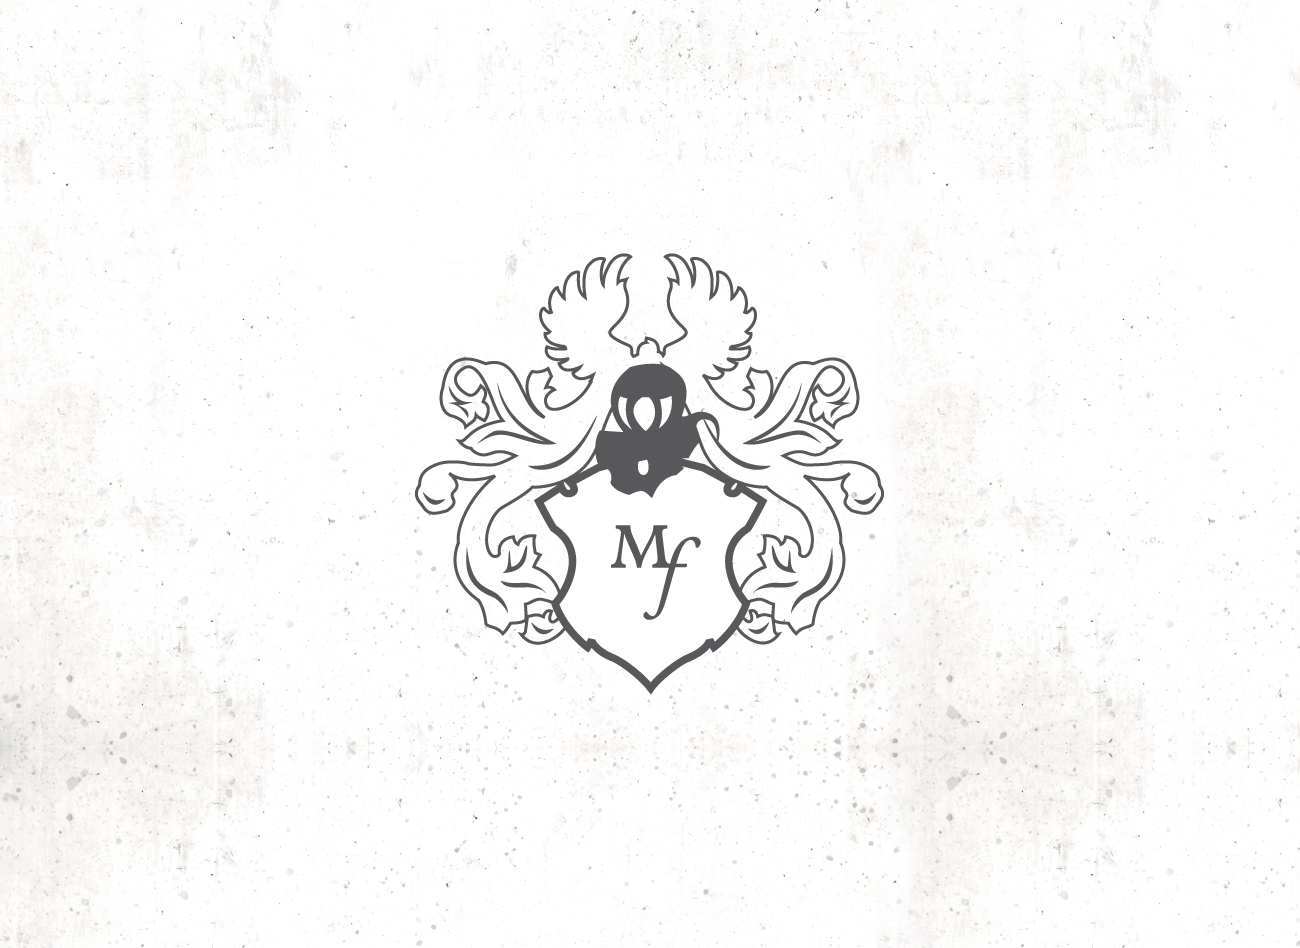 Logogestaltung / Mittermeier